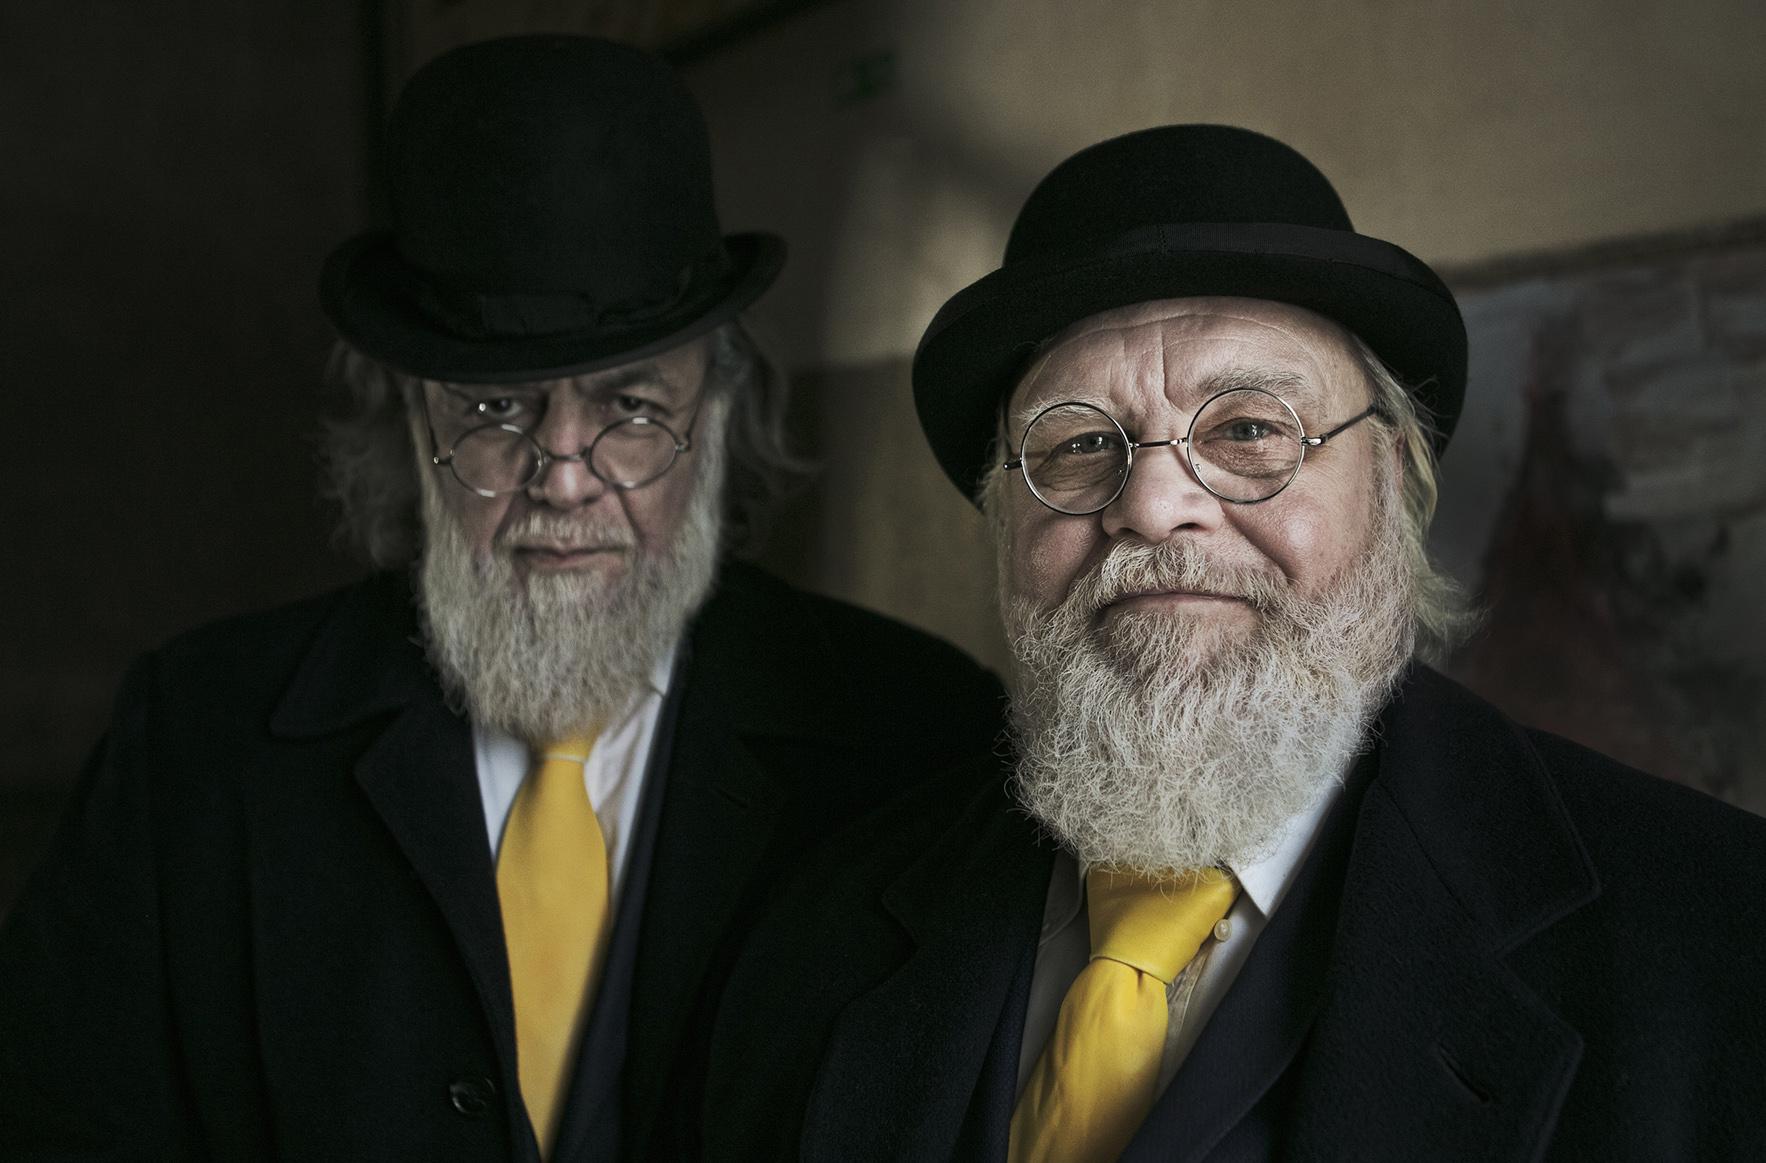 Dan Prince - Latvians - 2 men with yellow ties